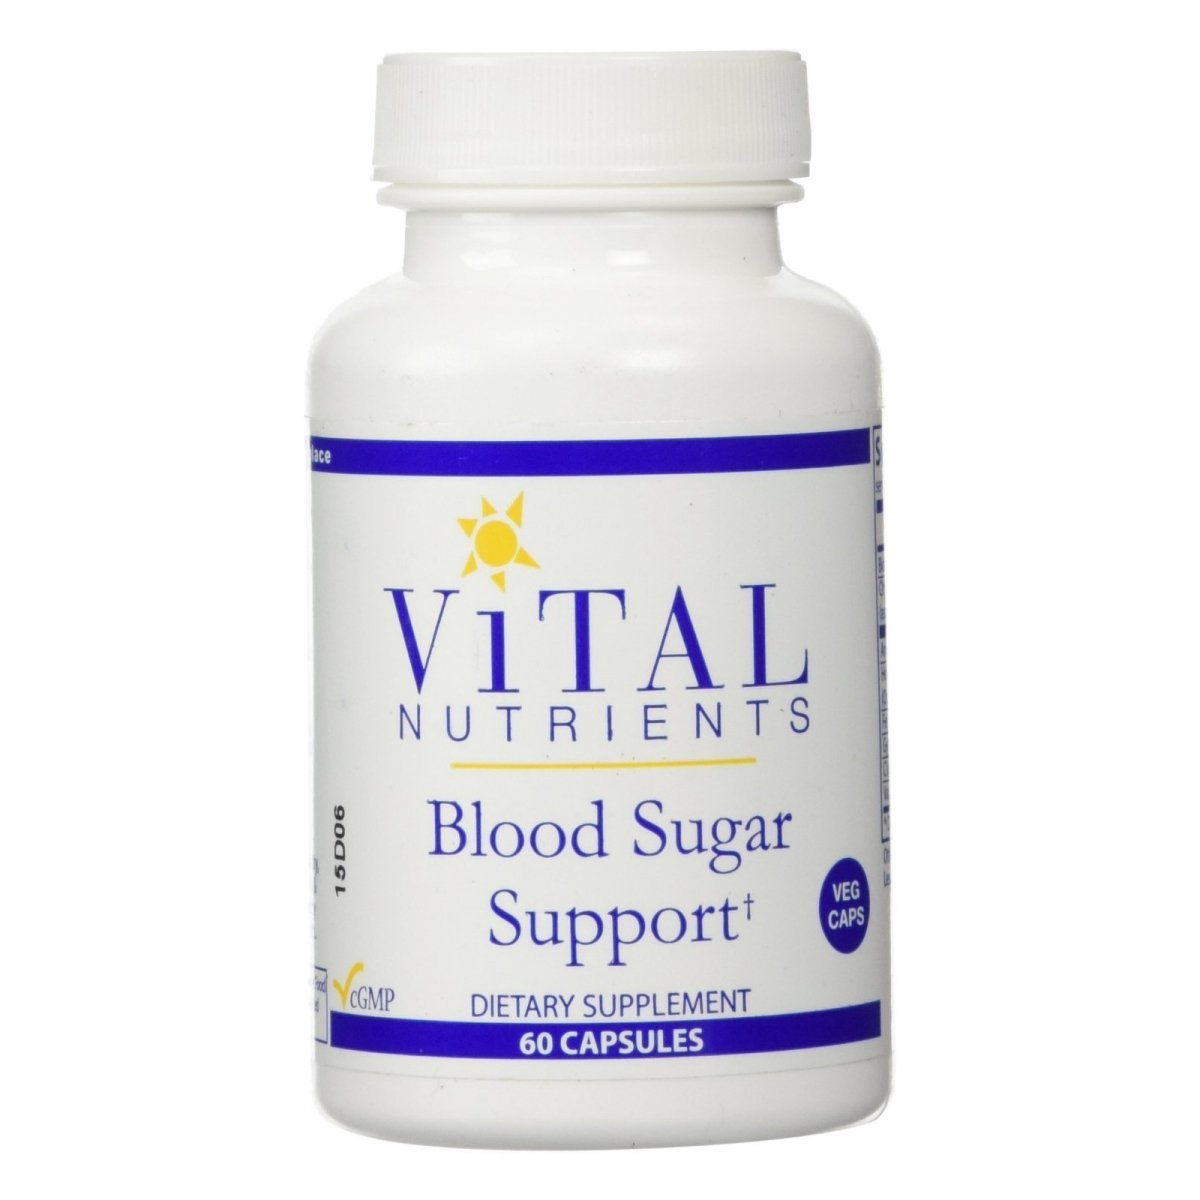 Blood Sugar Support